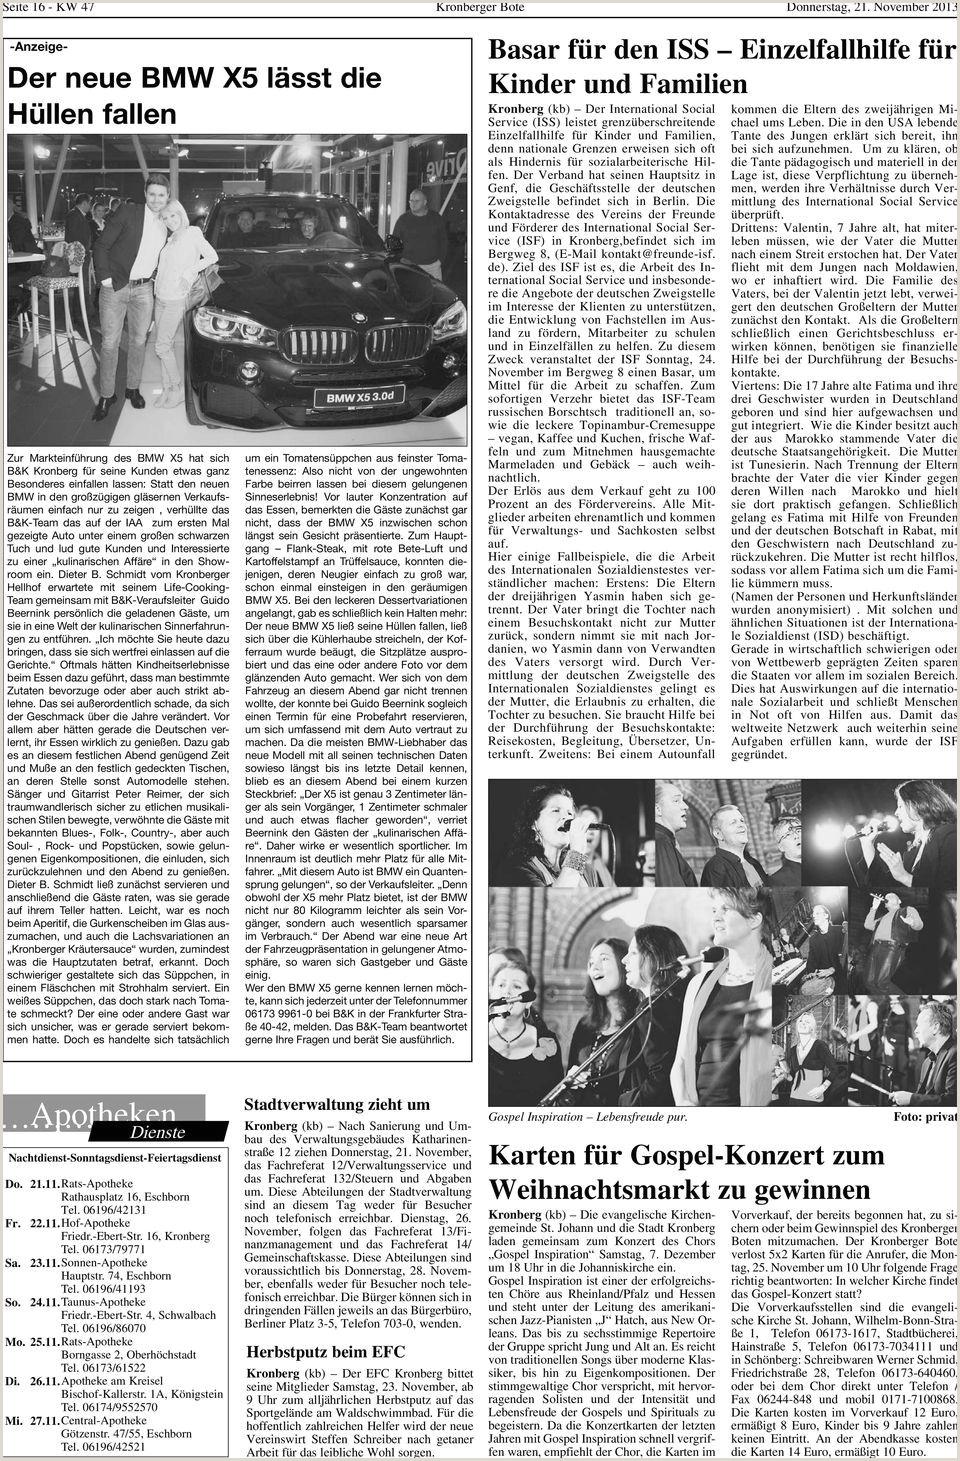 Joseph Haydn Lebenslauf Beispiele Outlet Verlagshaus Taunus